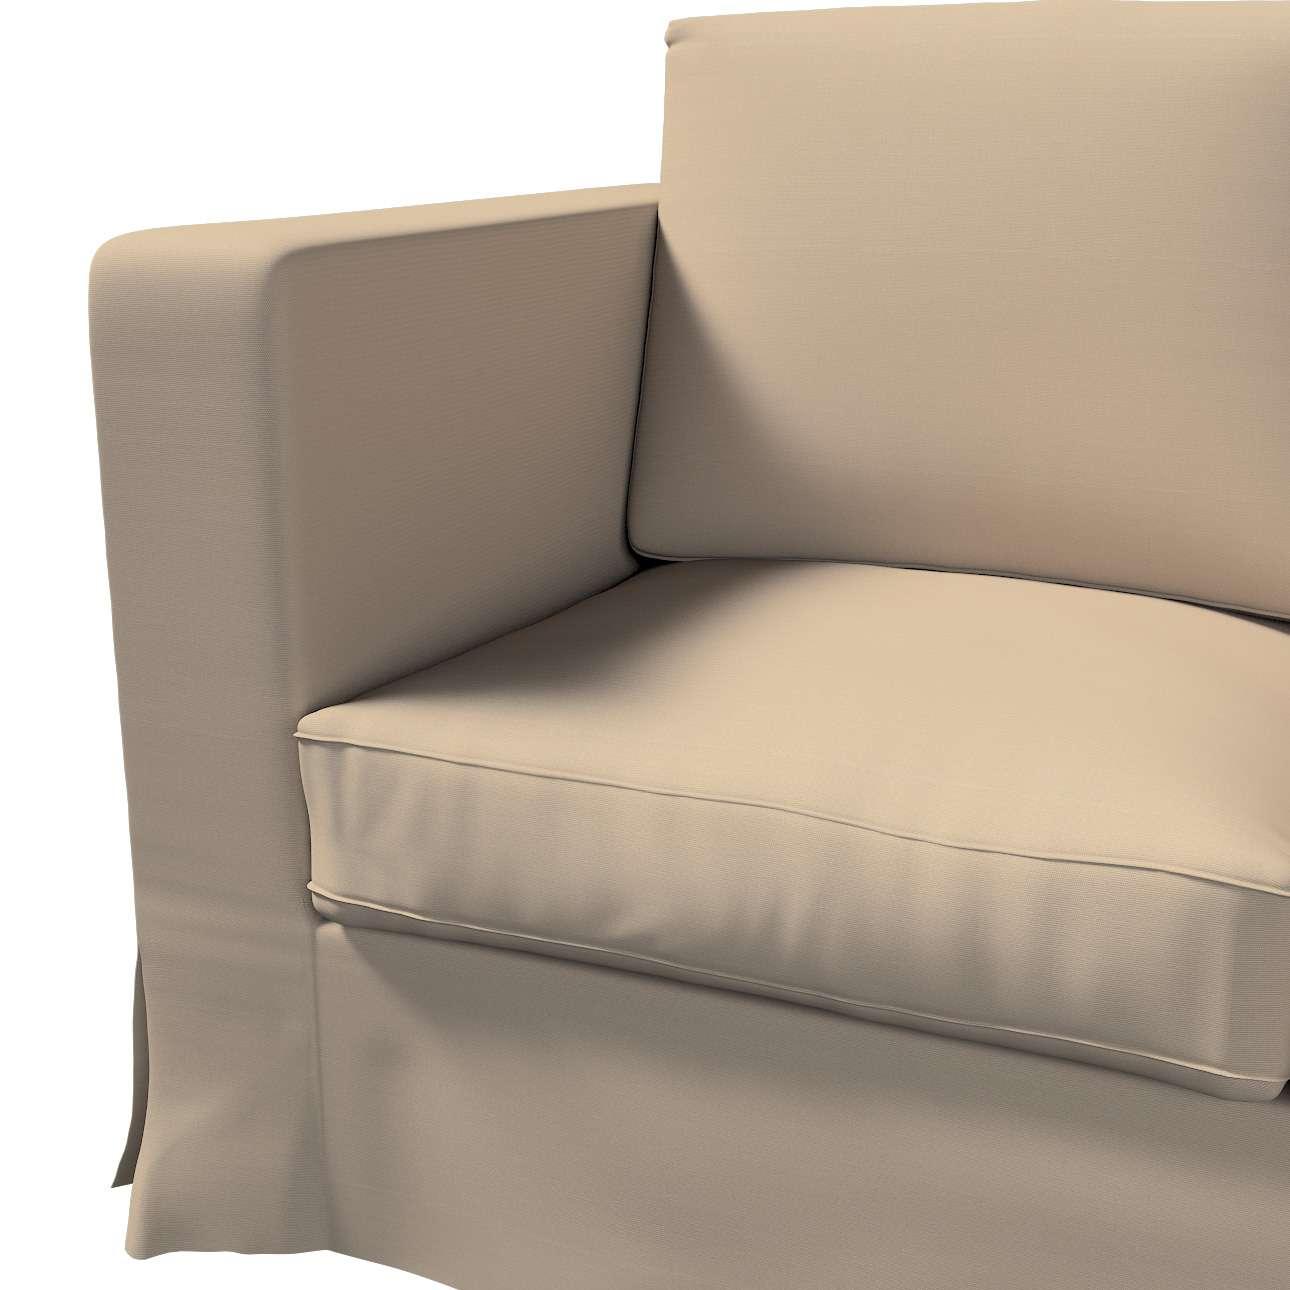 Bezug für Karlanda 3-Sitzer Sofa nicht ausklappbar, lang von der Kollektion Cotton Panama, Stoff: 702-28